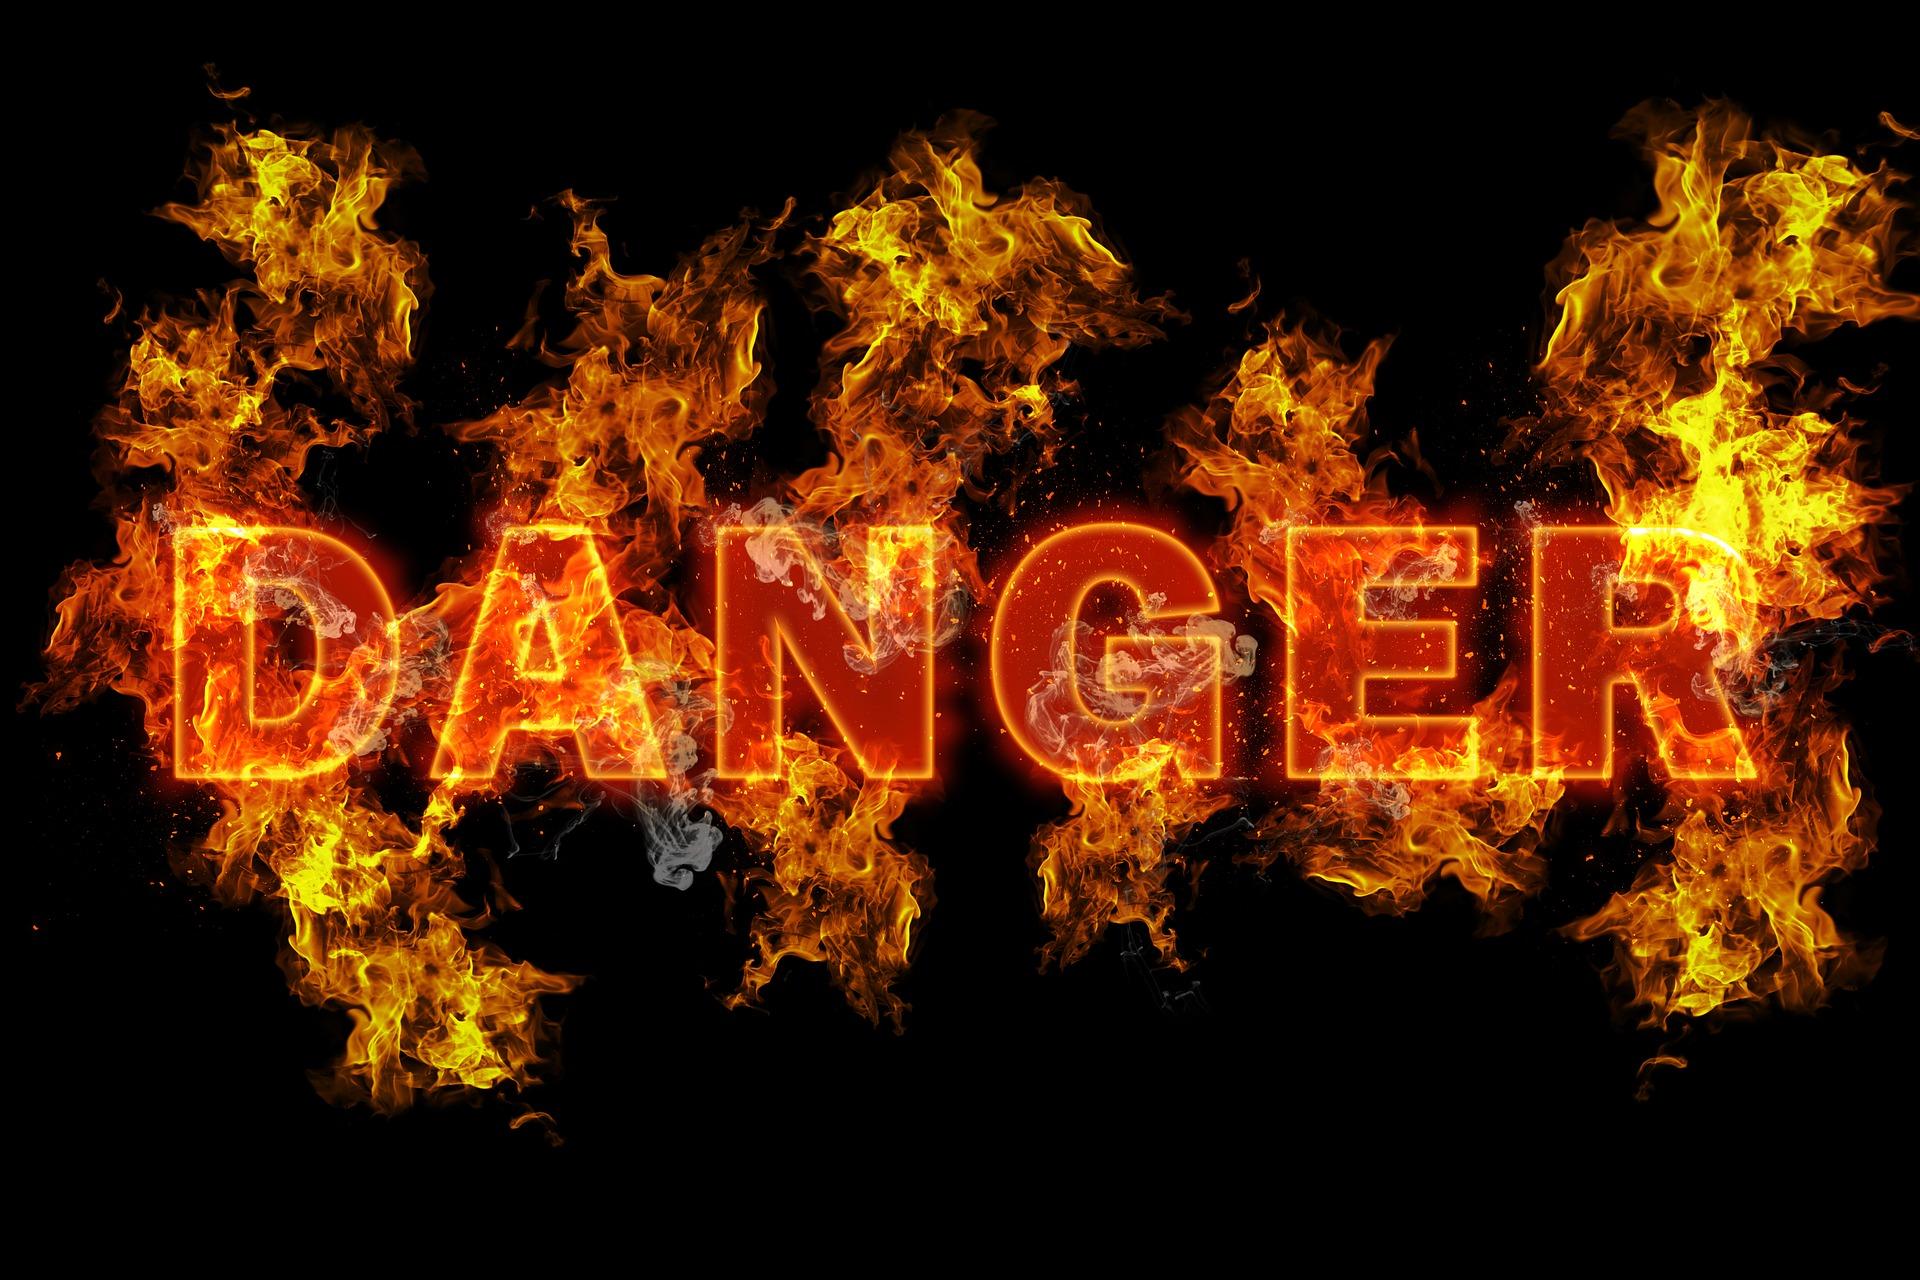 danger-1927503_1920.jpg